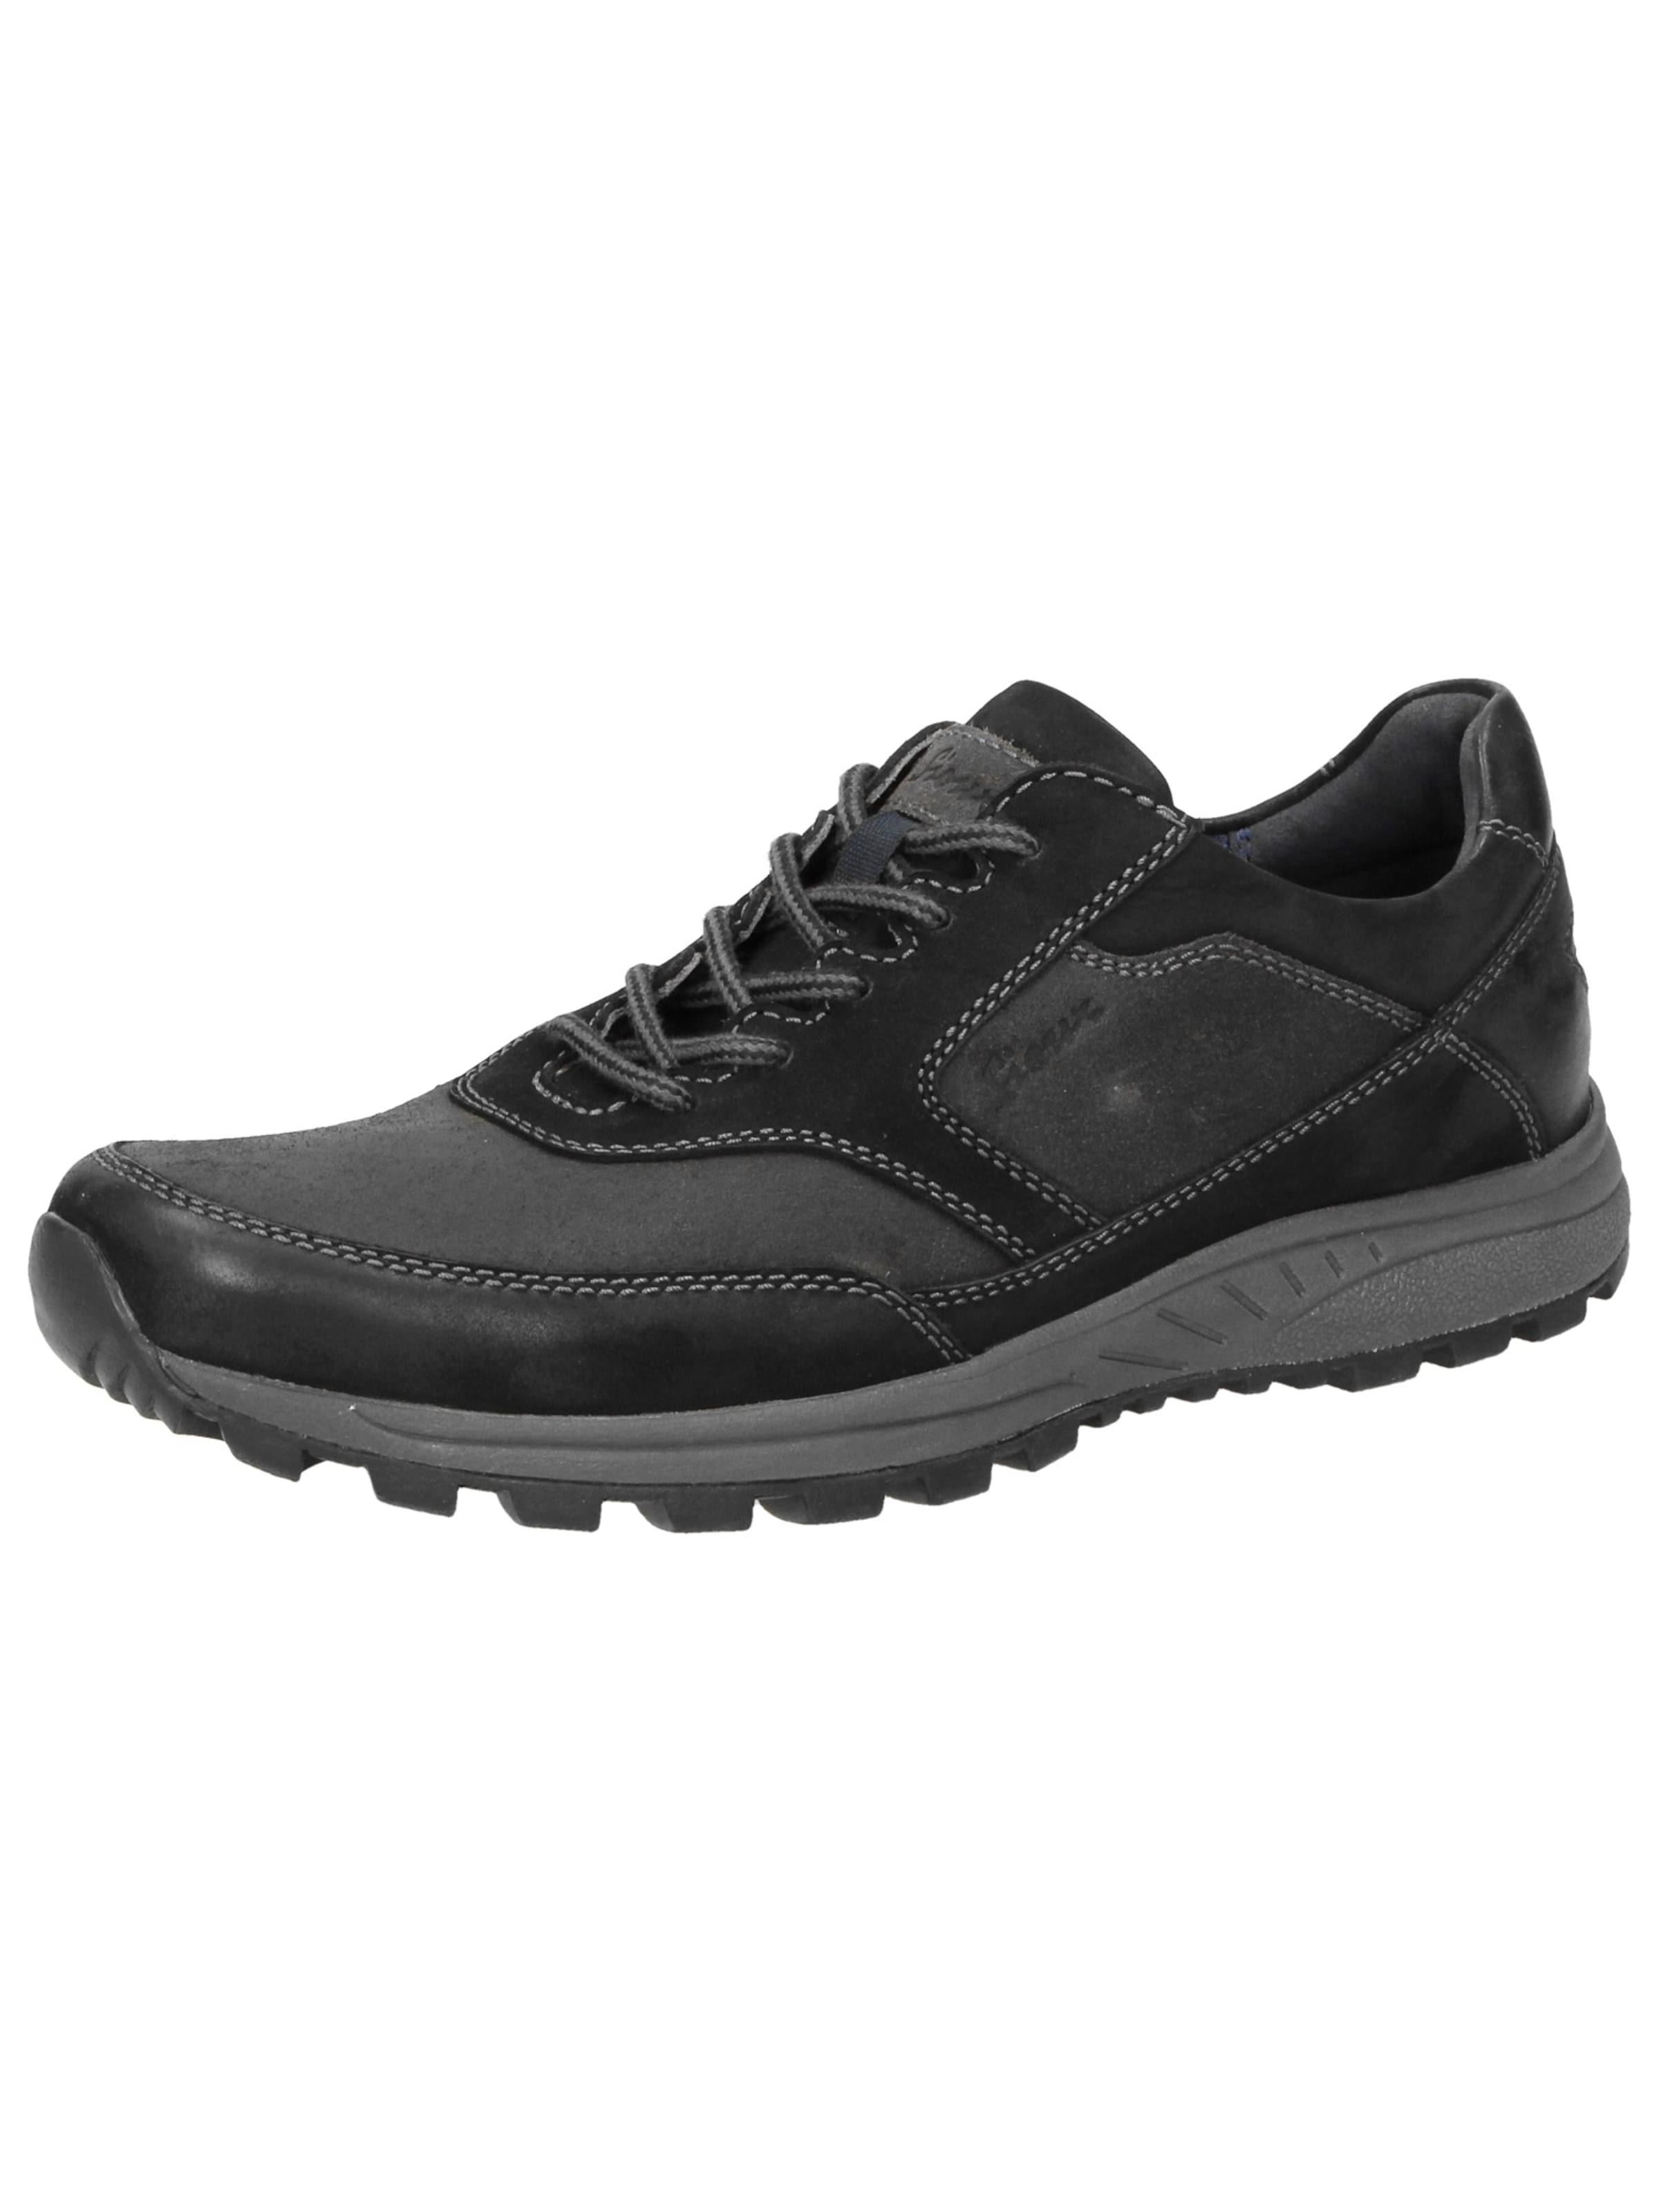 SIOUX Schnürschuh Fabilao Verschleißfeste billige Schuhe